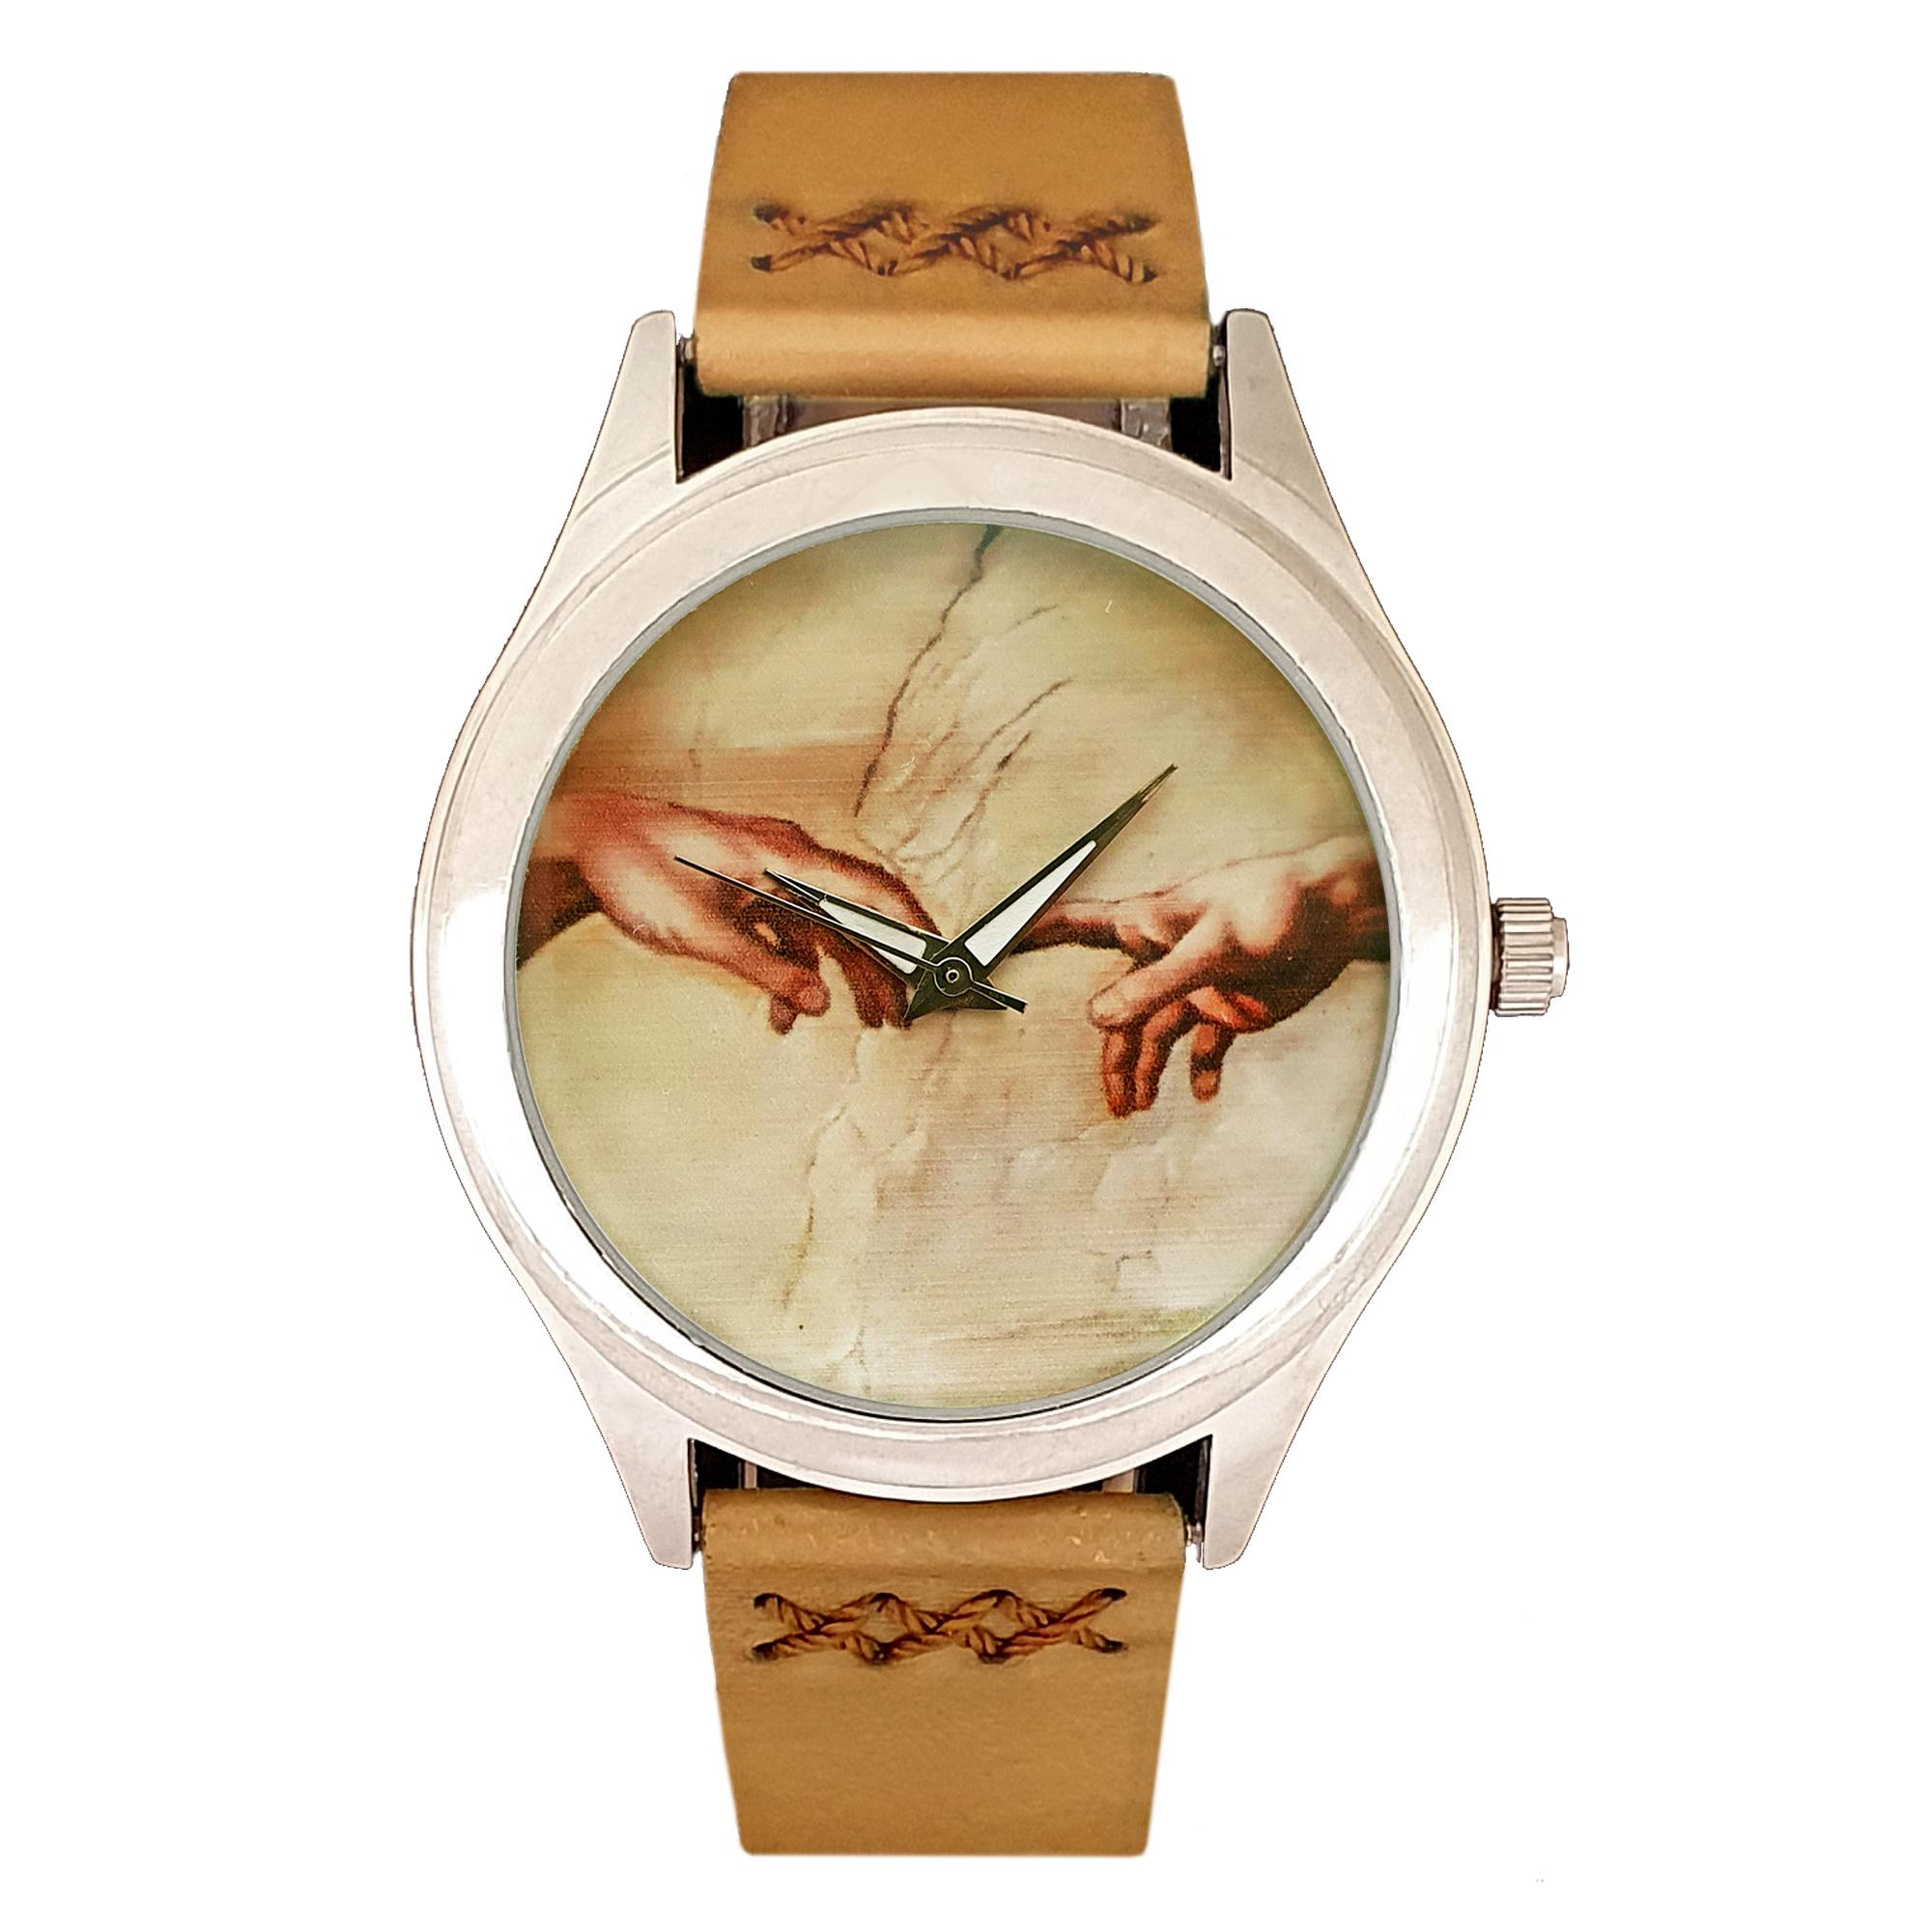 ساعت مچی عقربه ای اچ آر دیزاین گروپ مدل دست خدا w027